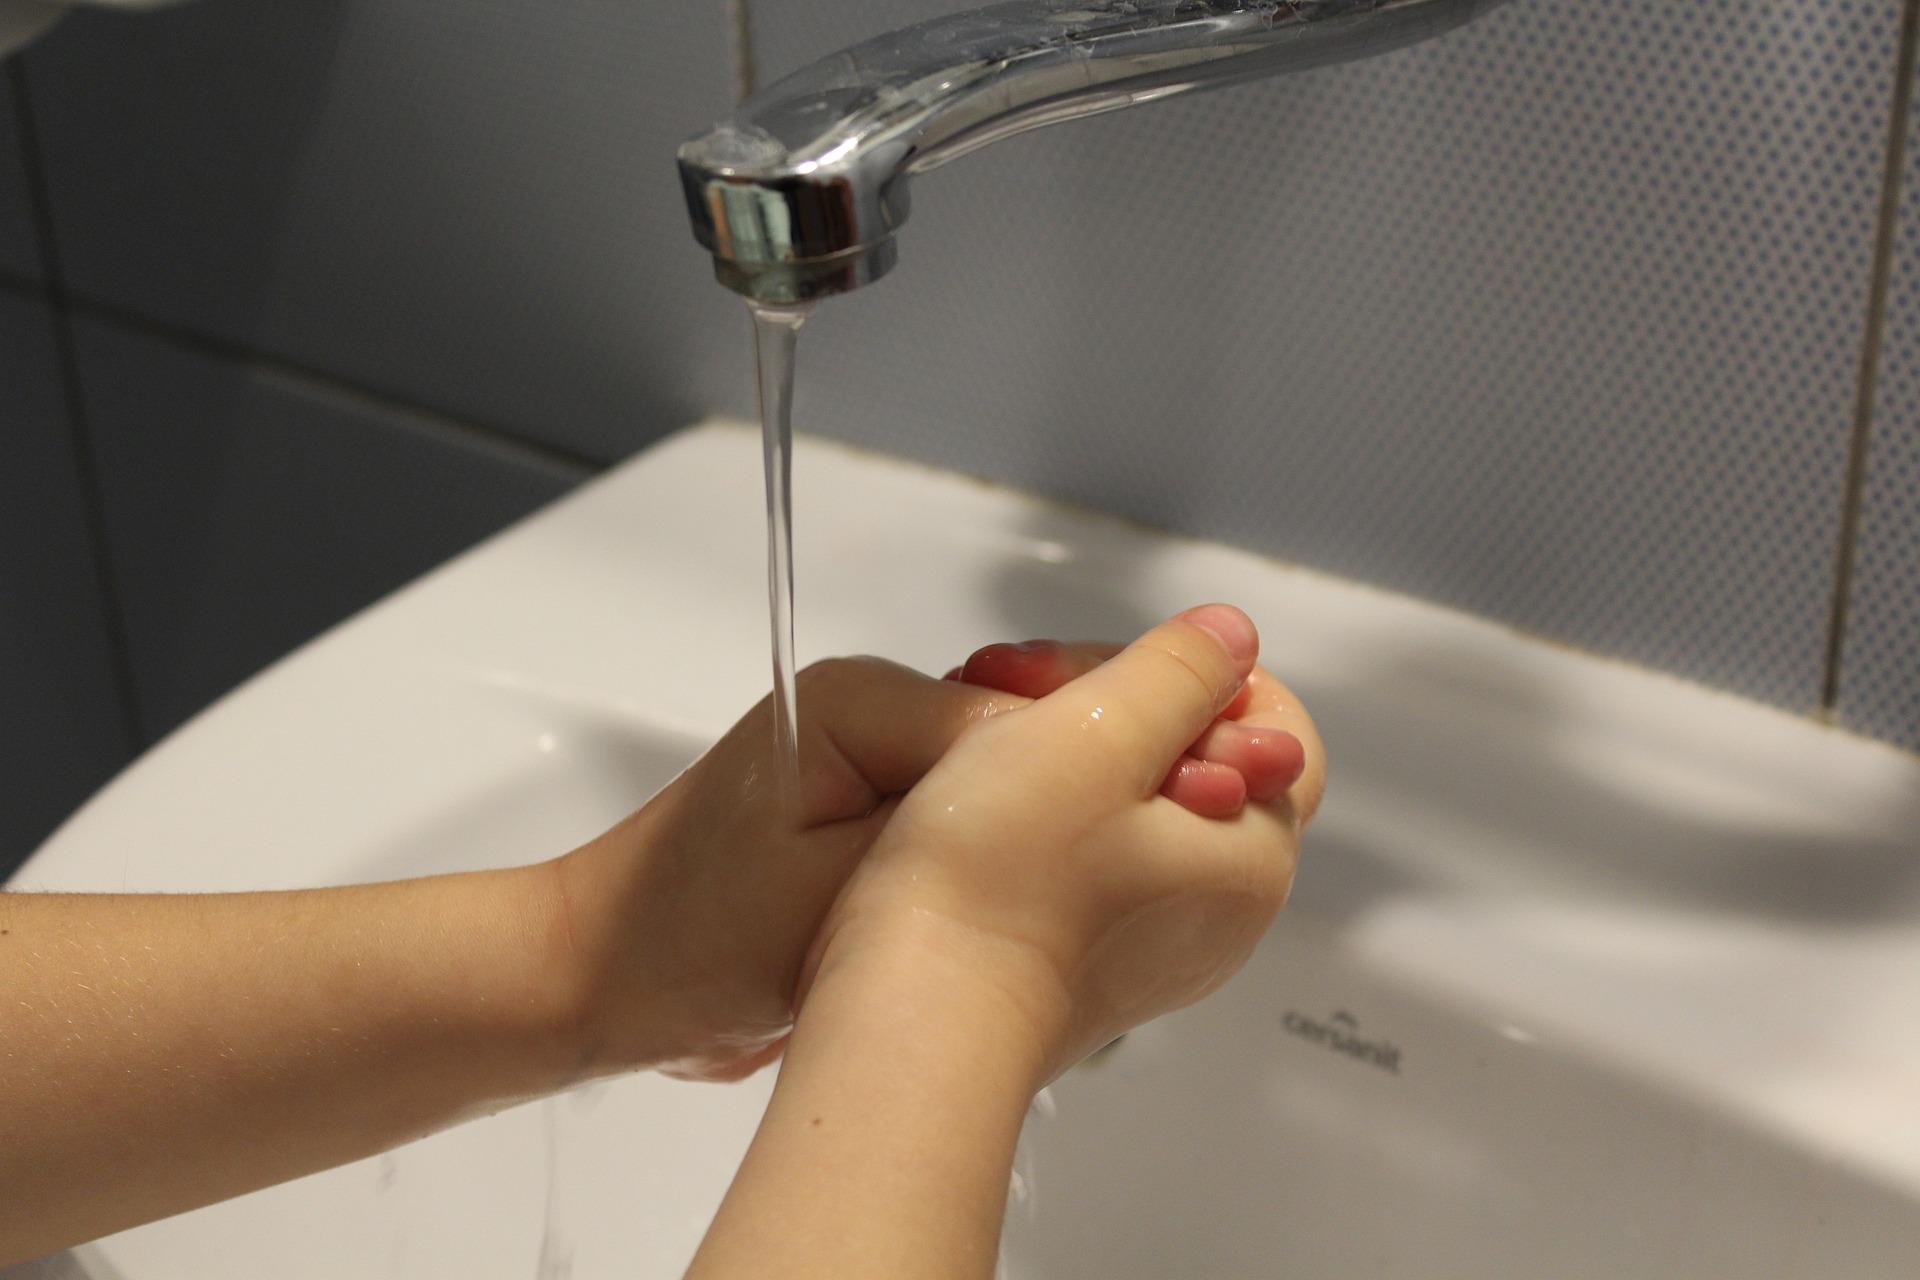 handwashing2.jpg